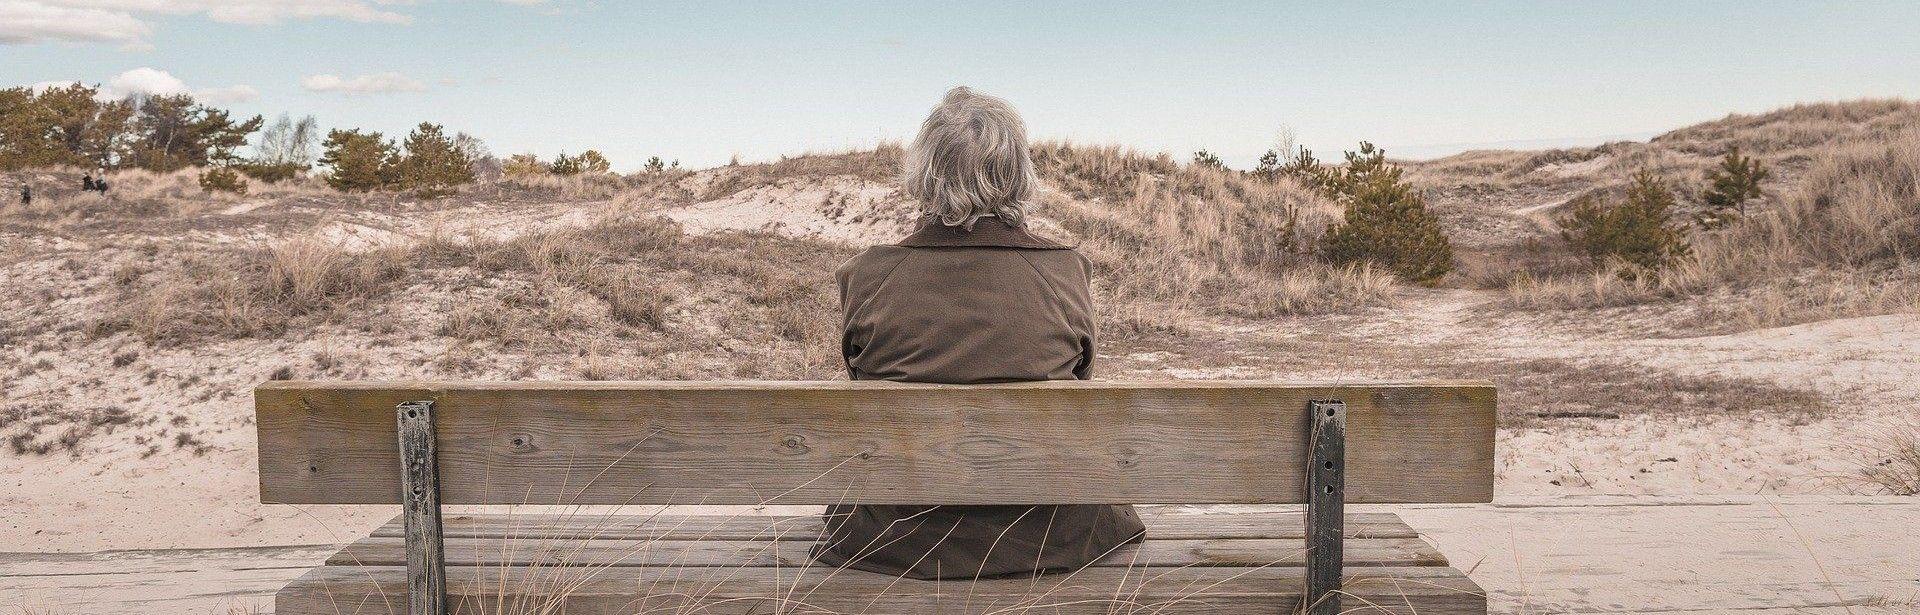 Hoher Aufwand für Pensionskassen